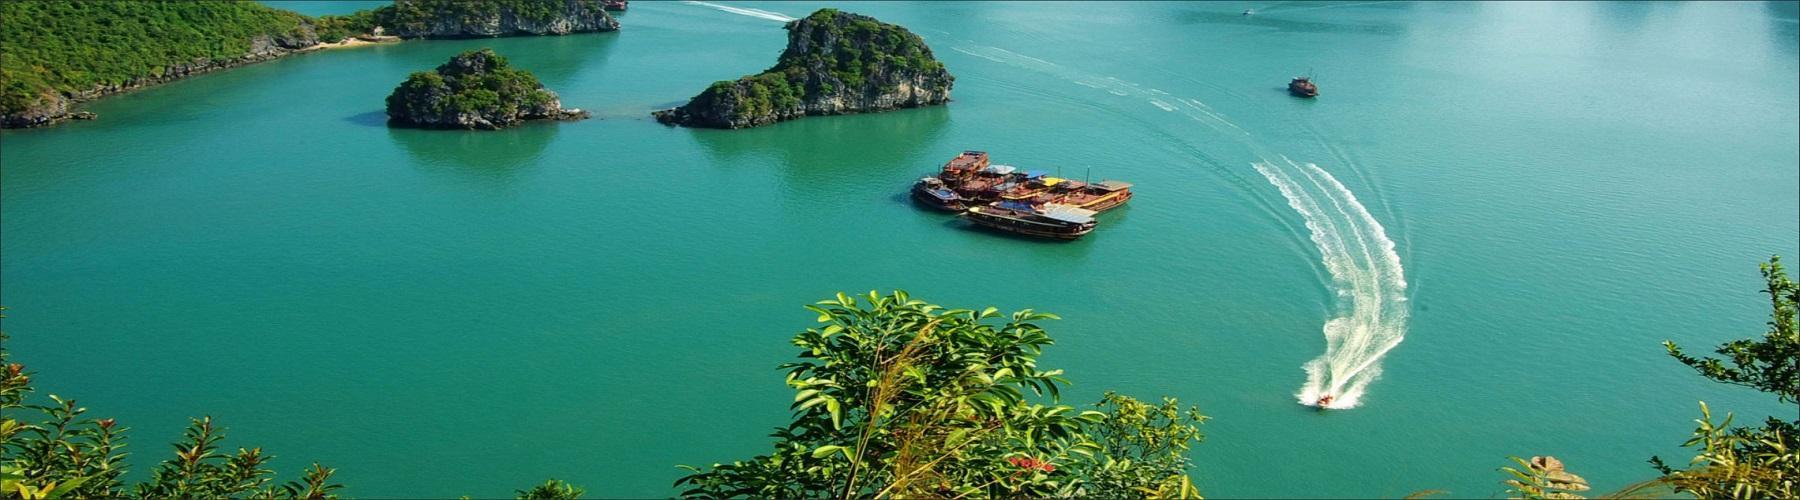 Самостоятельное путешествие во Вьетнам